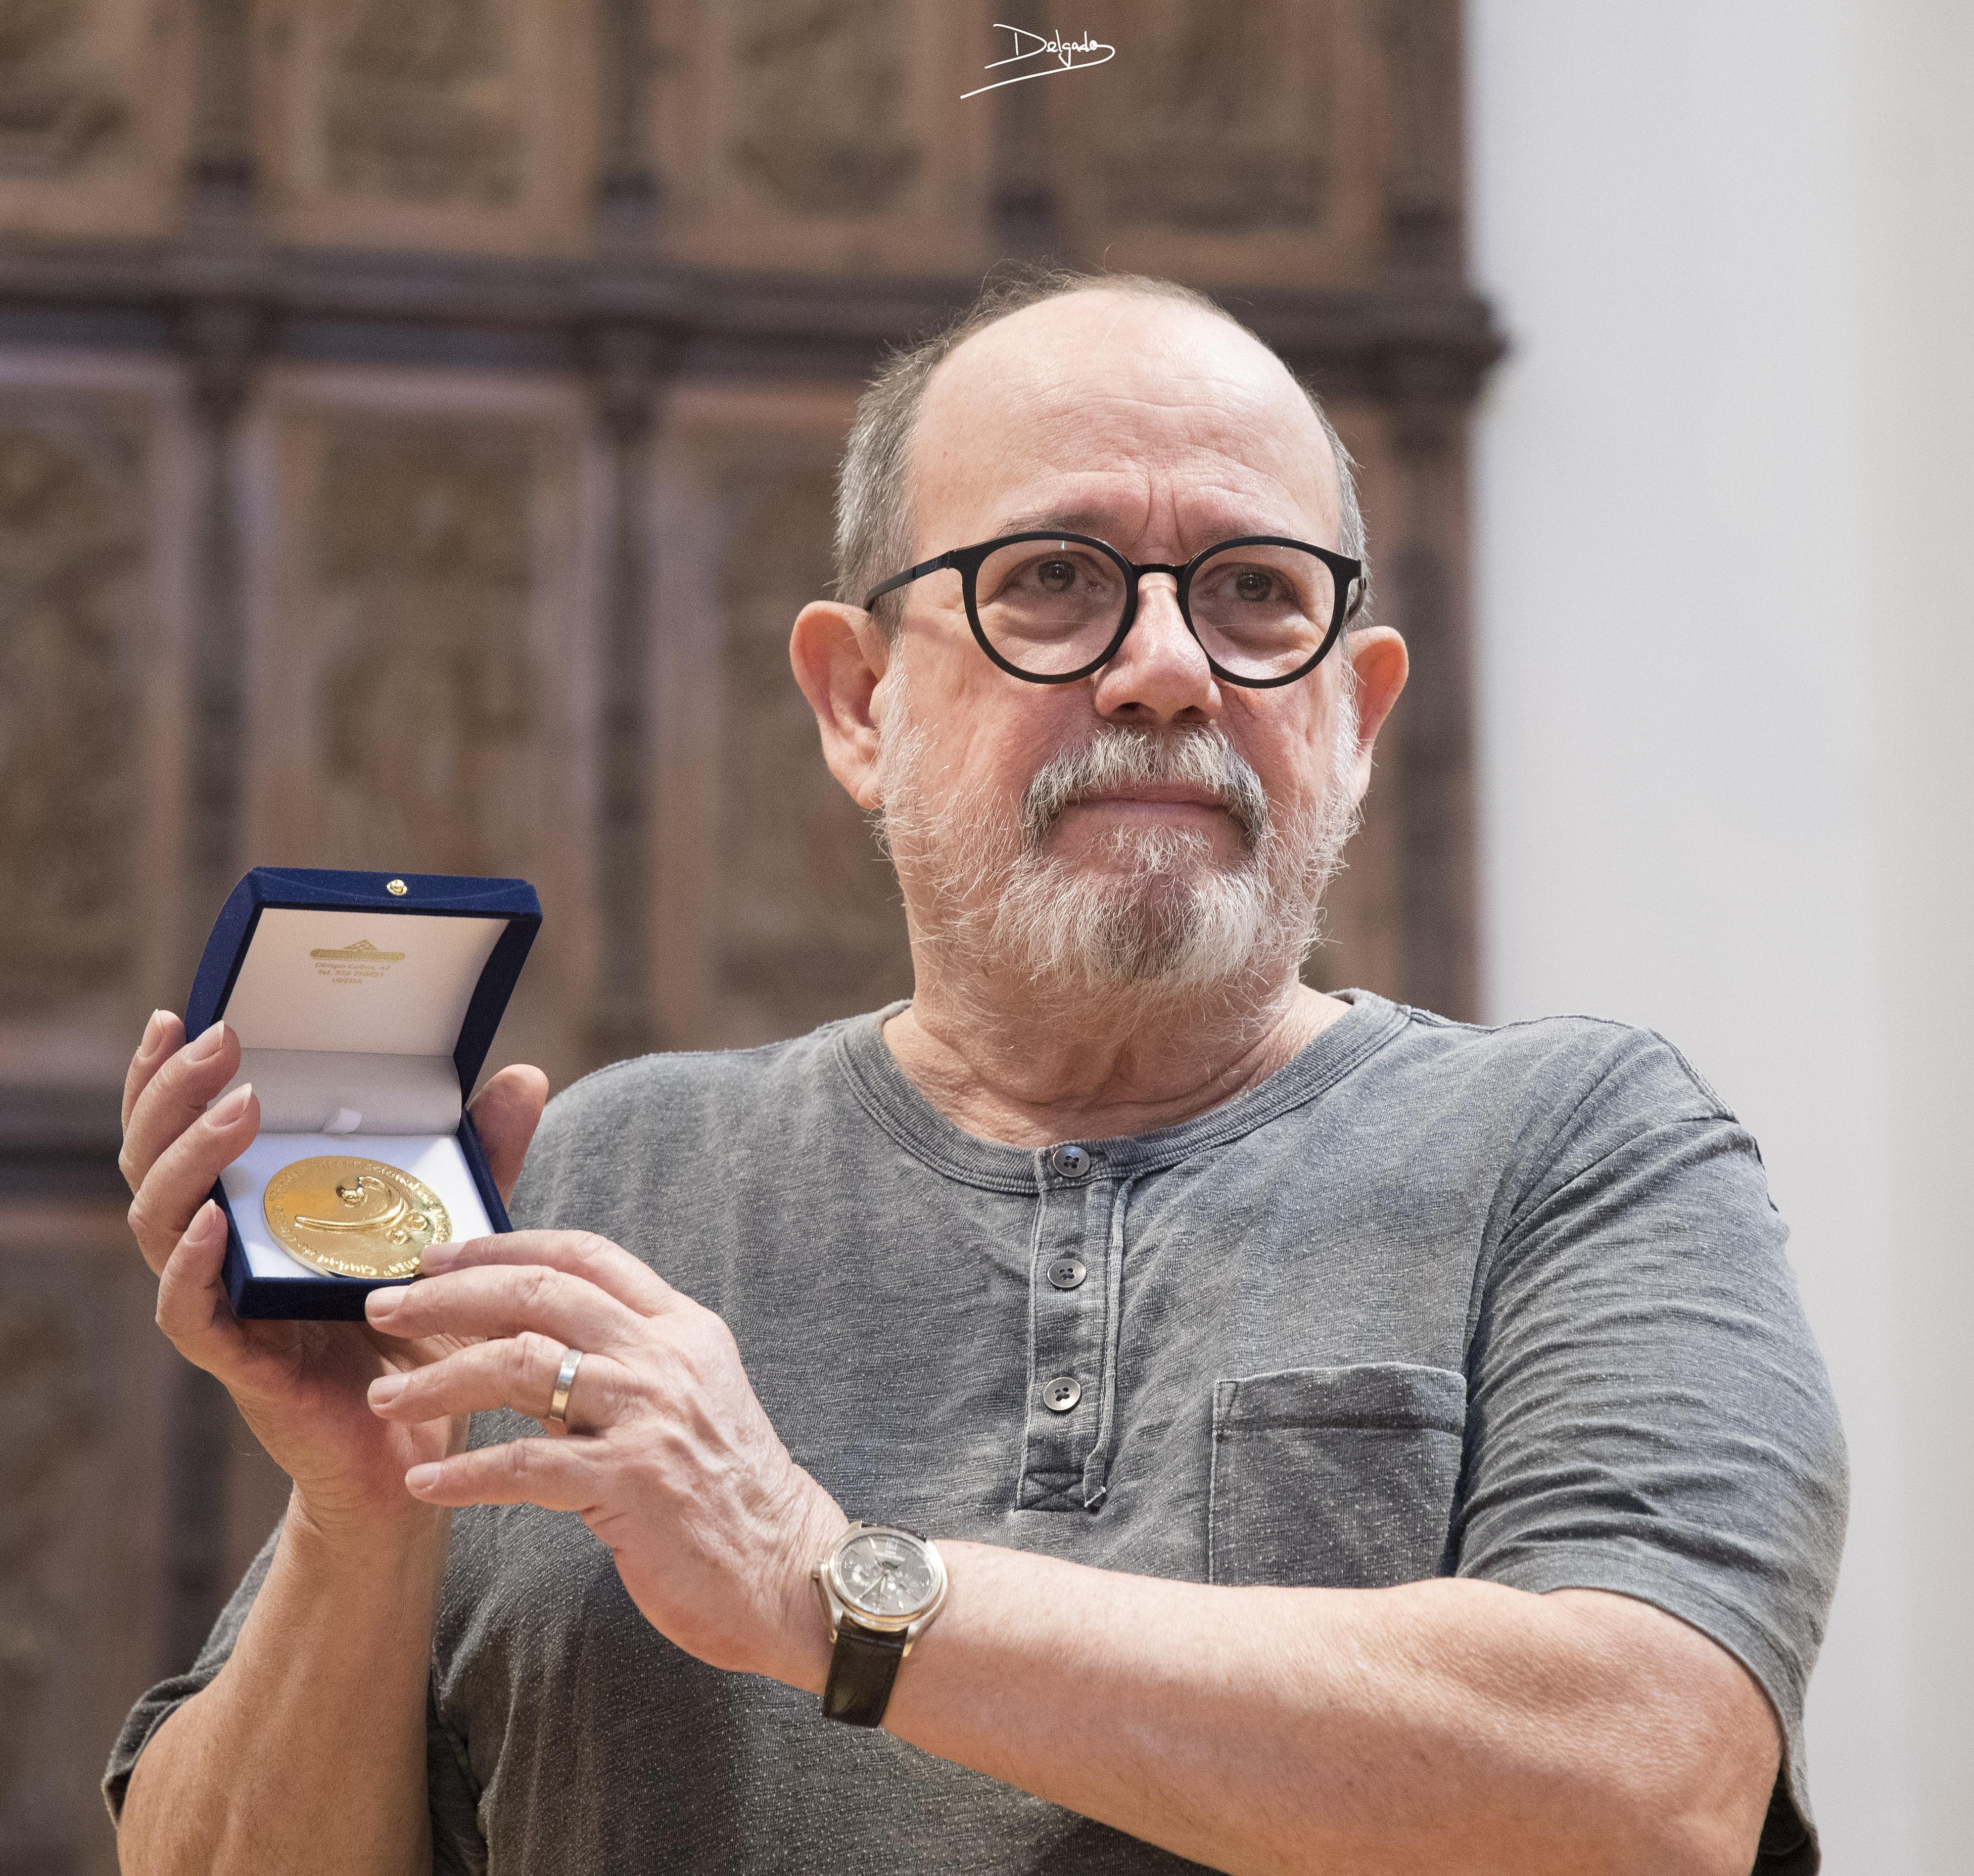 Y Silvio Rodríguez regresa a Úbeda 35 años después para recoger la medalla de oro del Festival de Música y Danza